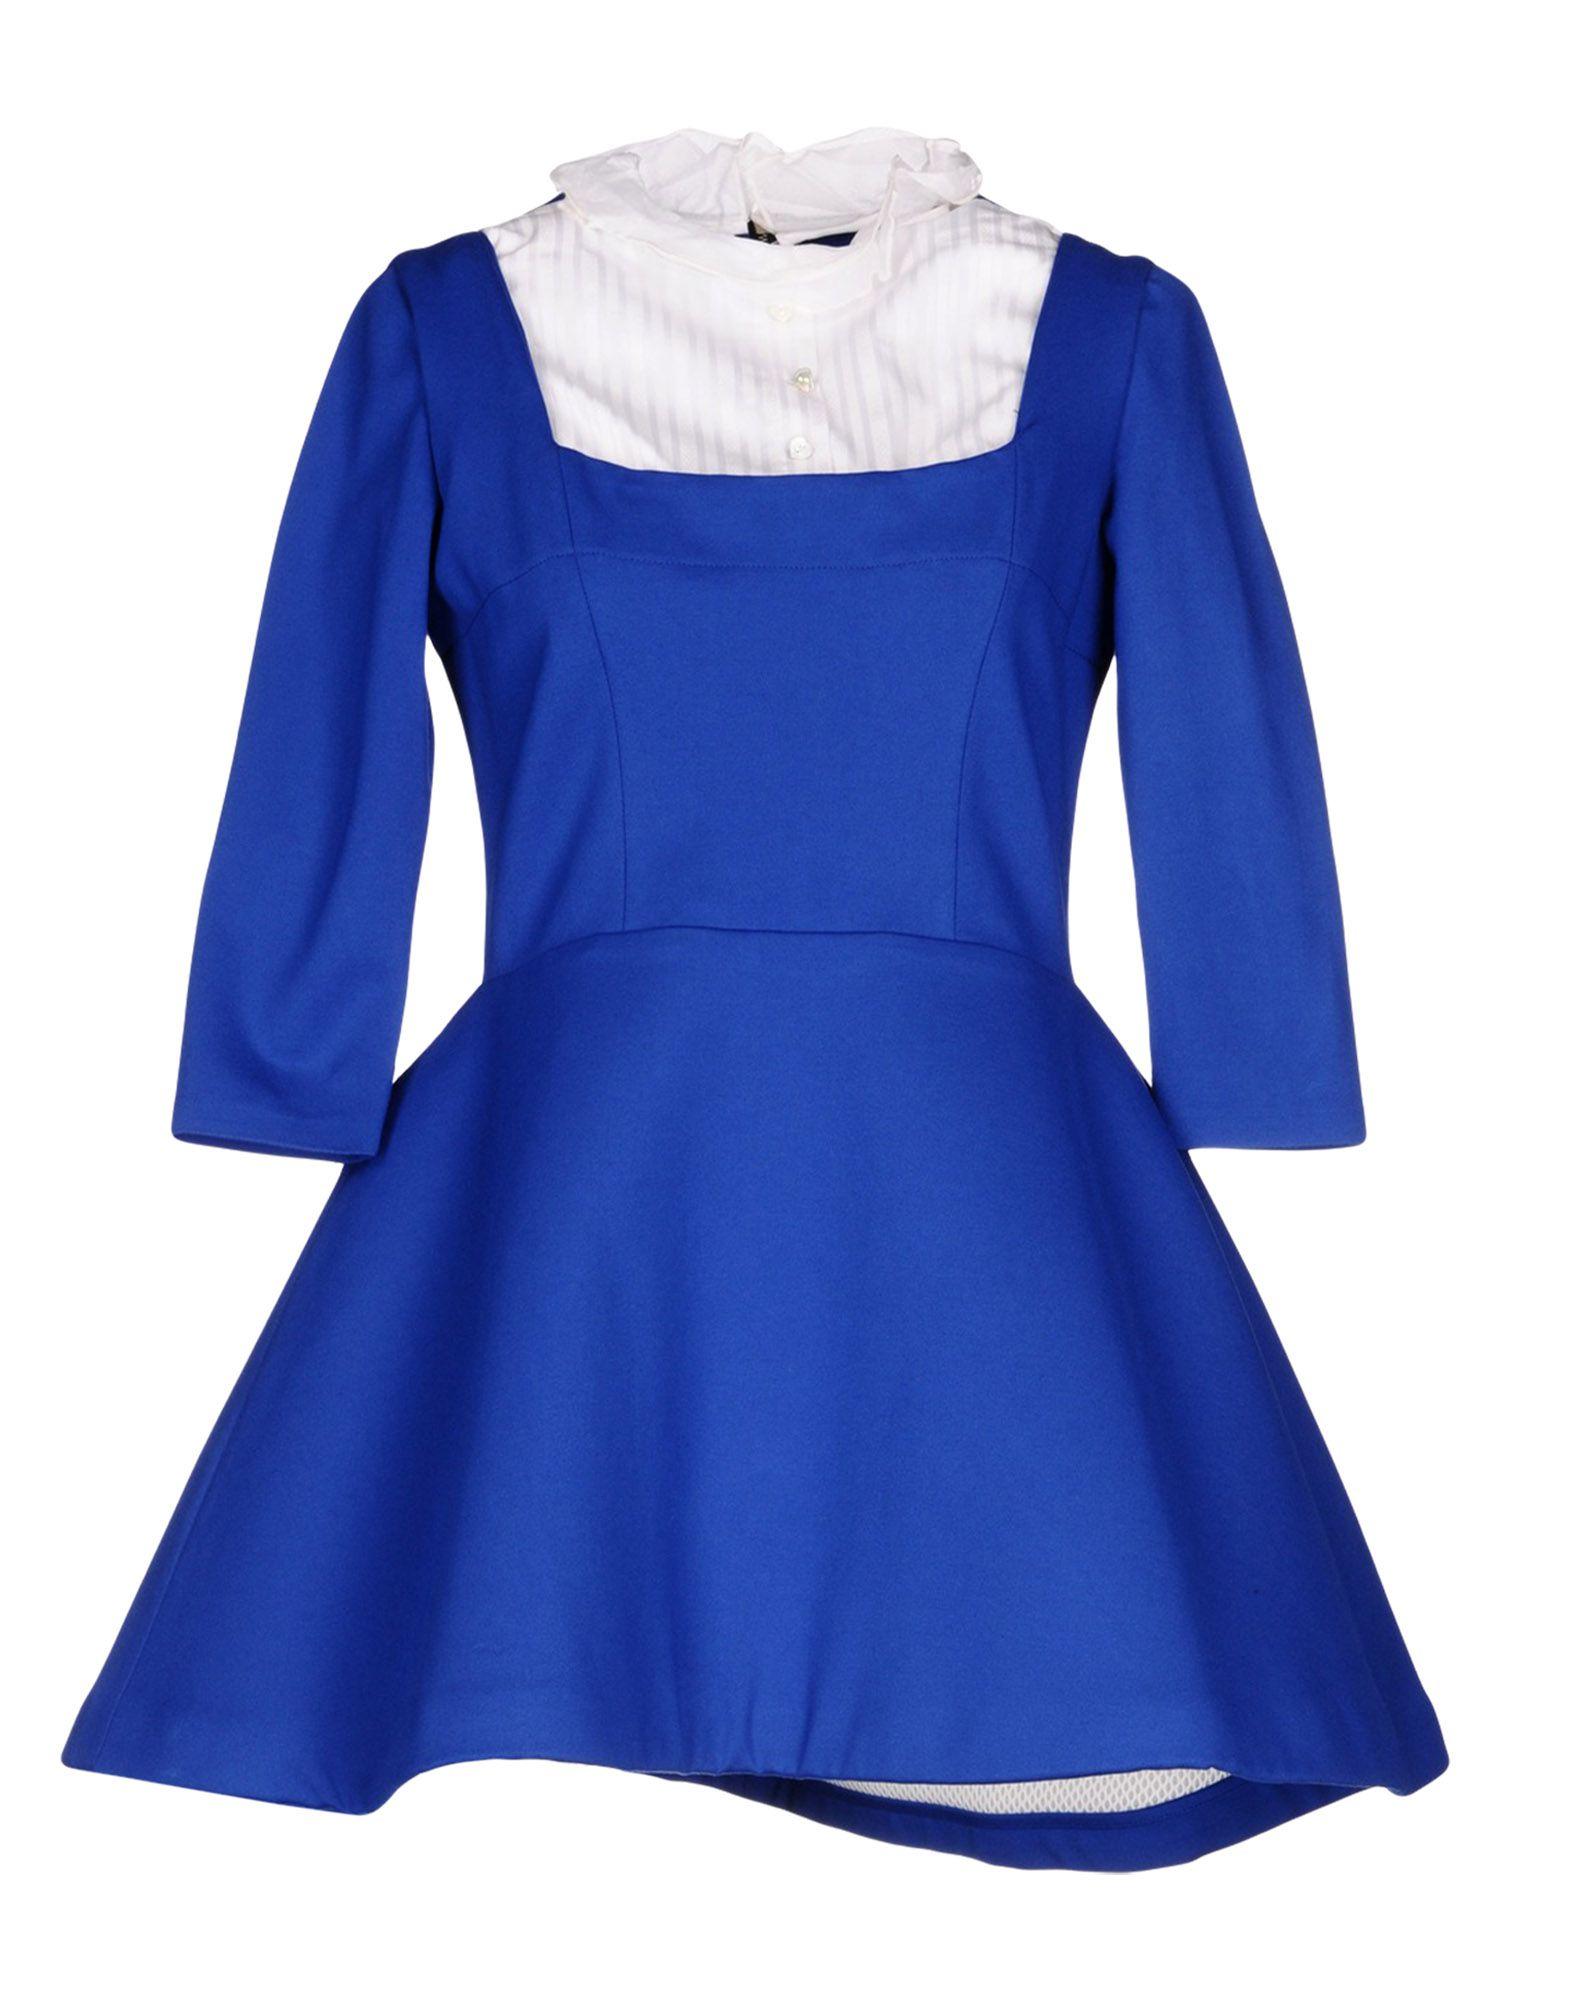 цены на NATASHA ZINKO Короткое платье в интернет-магазинах